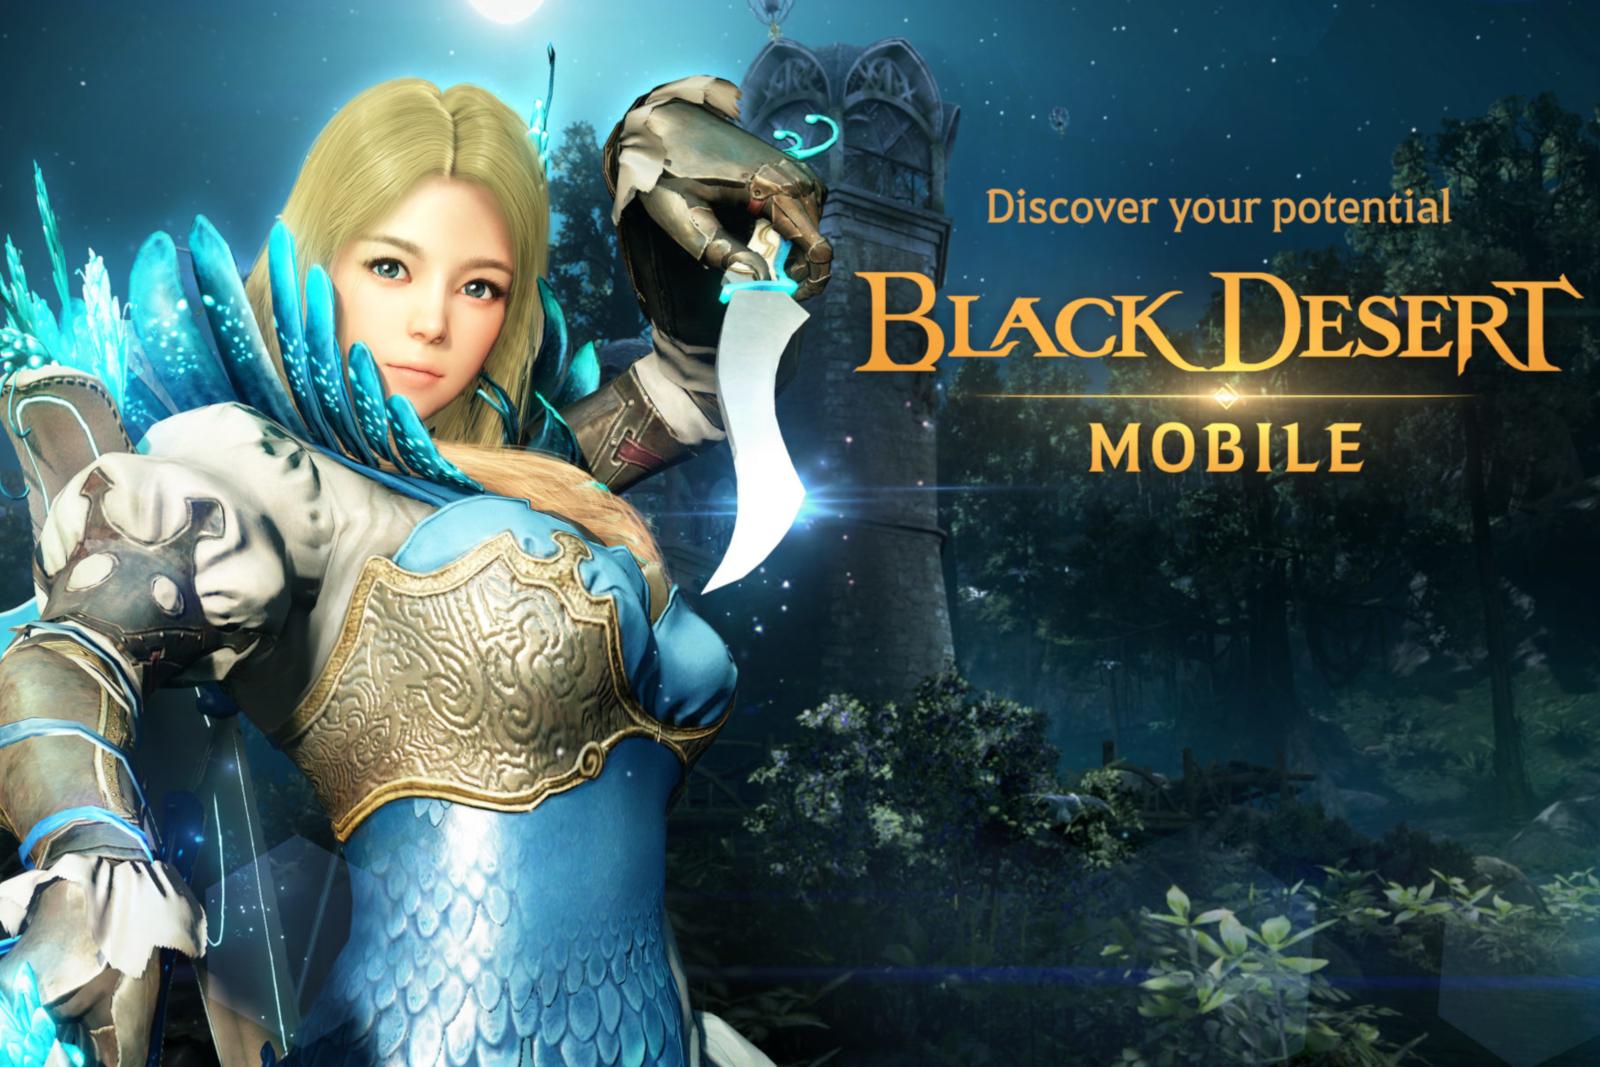 เพราะอะไรถึงต้องเล่น Black Desert: Mobile ผ่าน BlueStacks